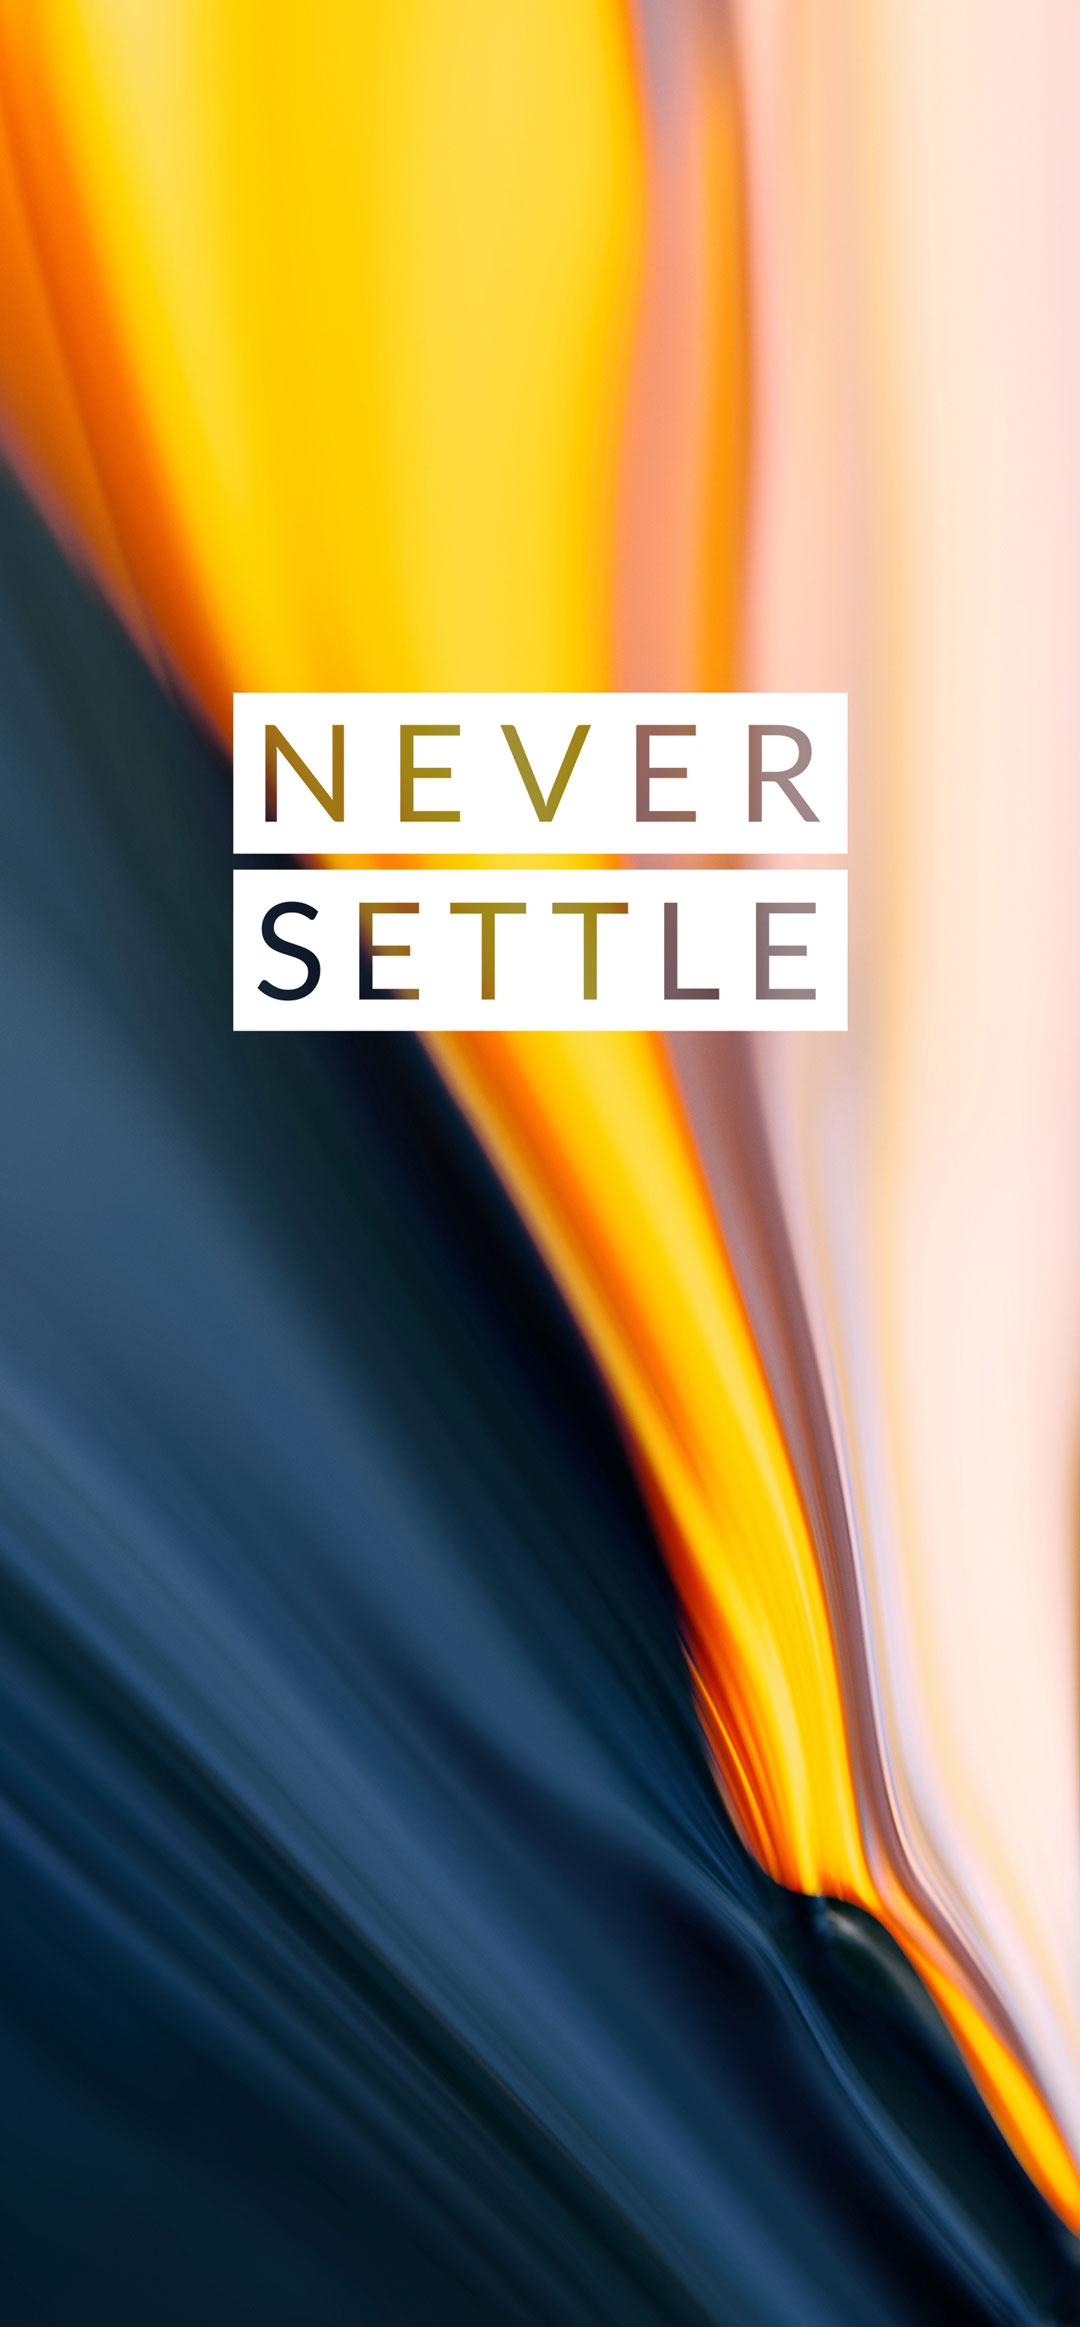 never settle wallpaper oneplus 7